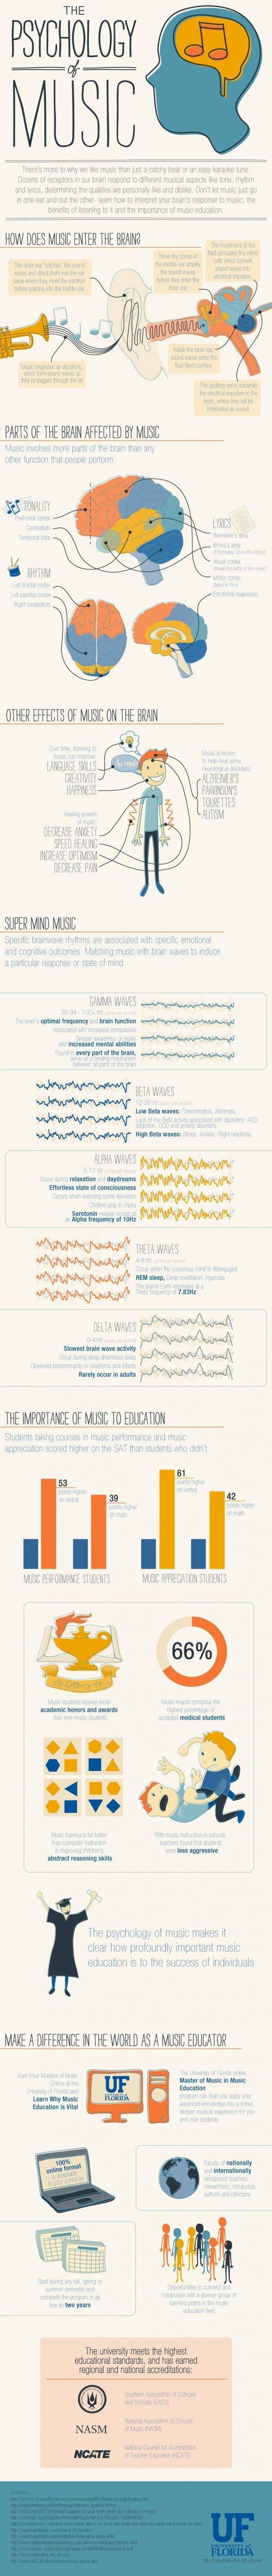 Psicologia da Música #zamus #psicologia #music #business #infografico